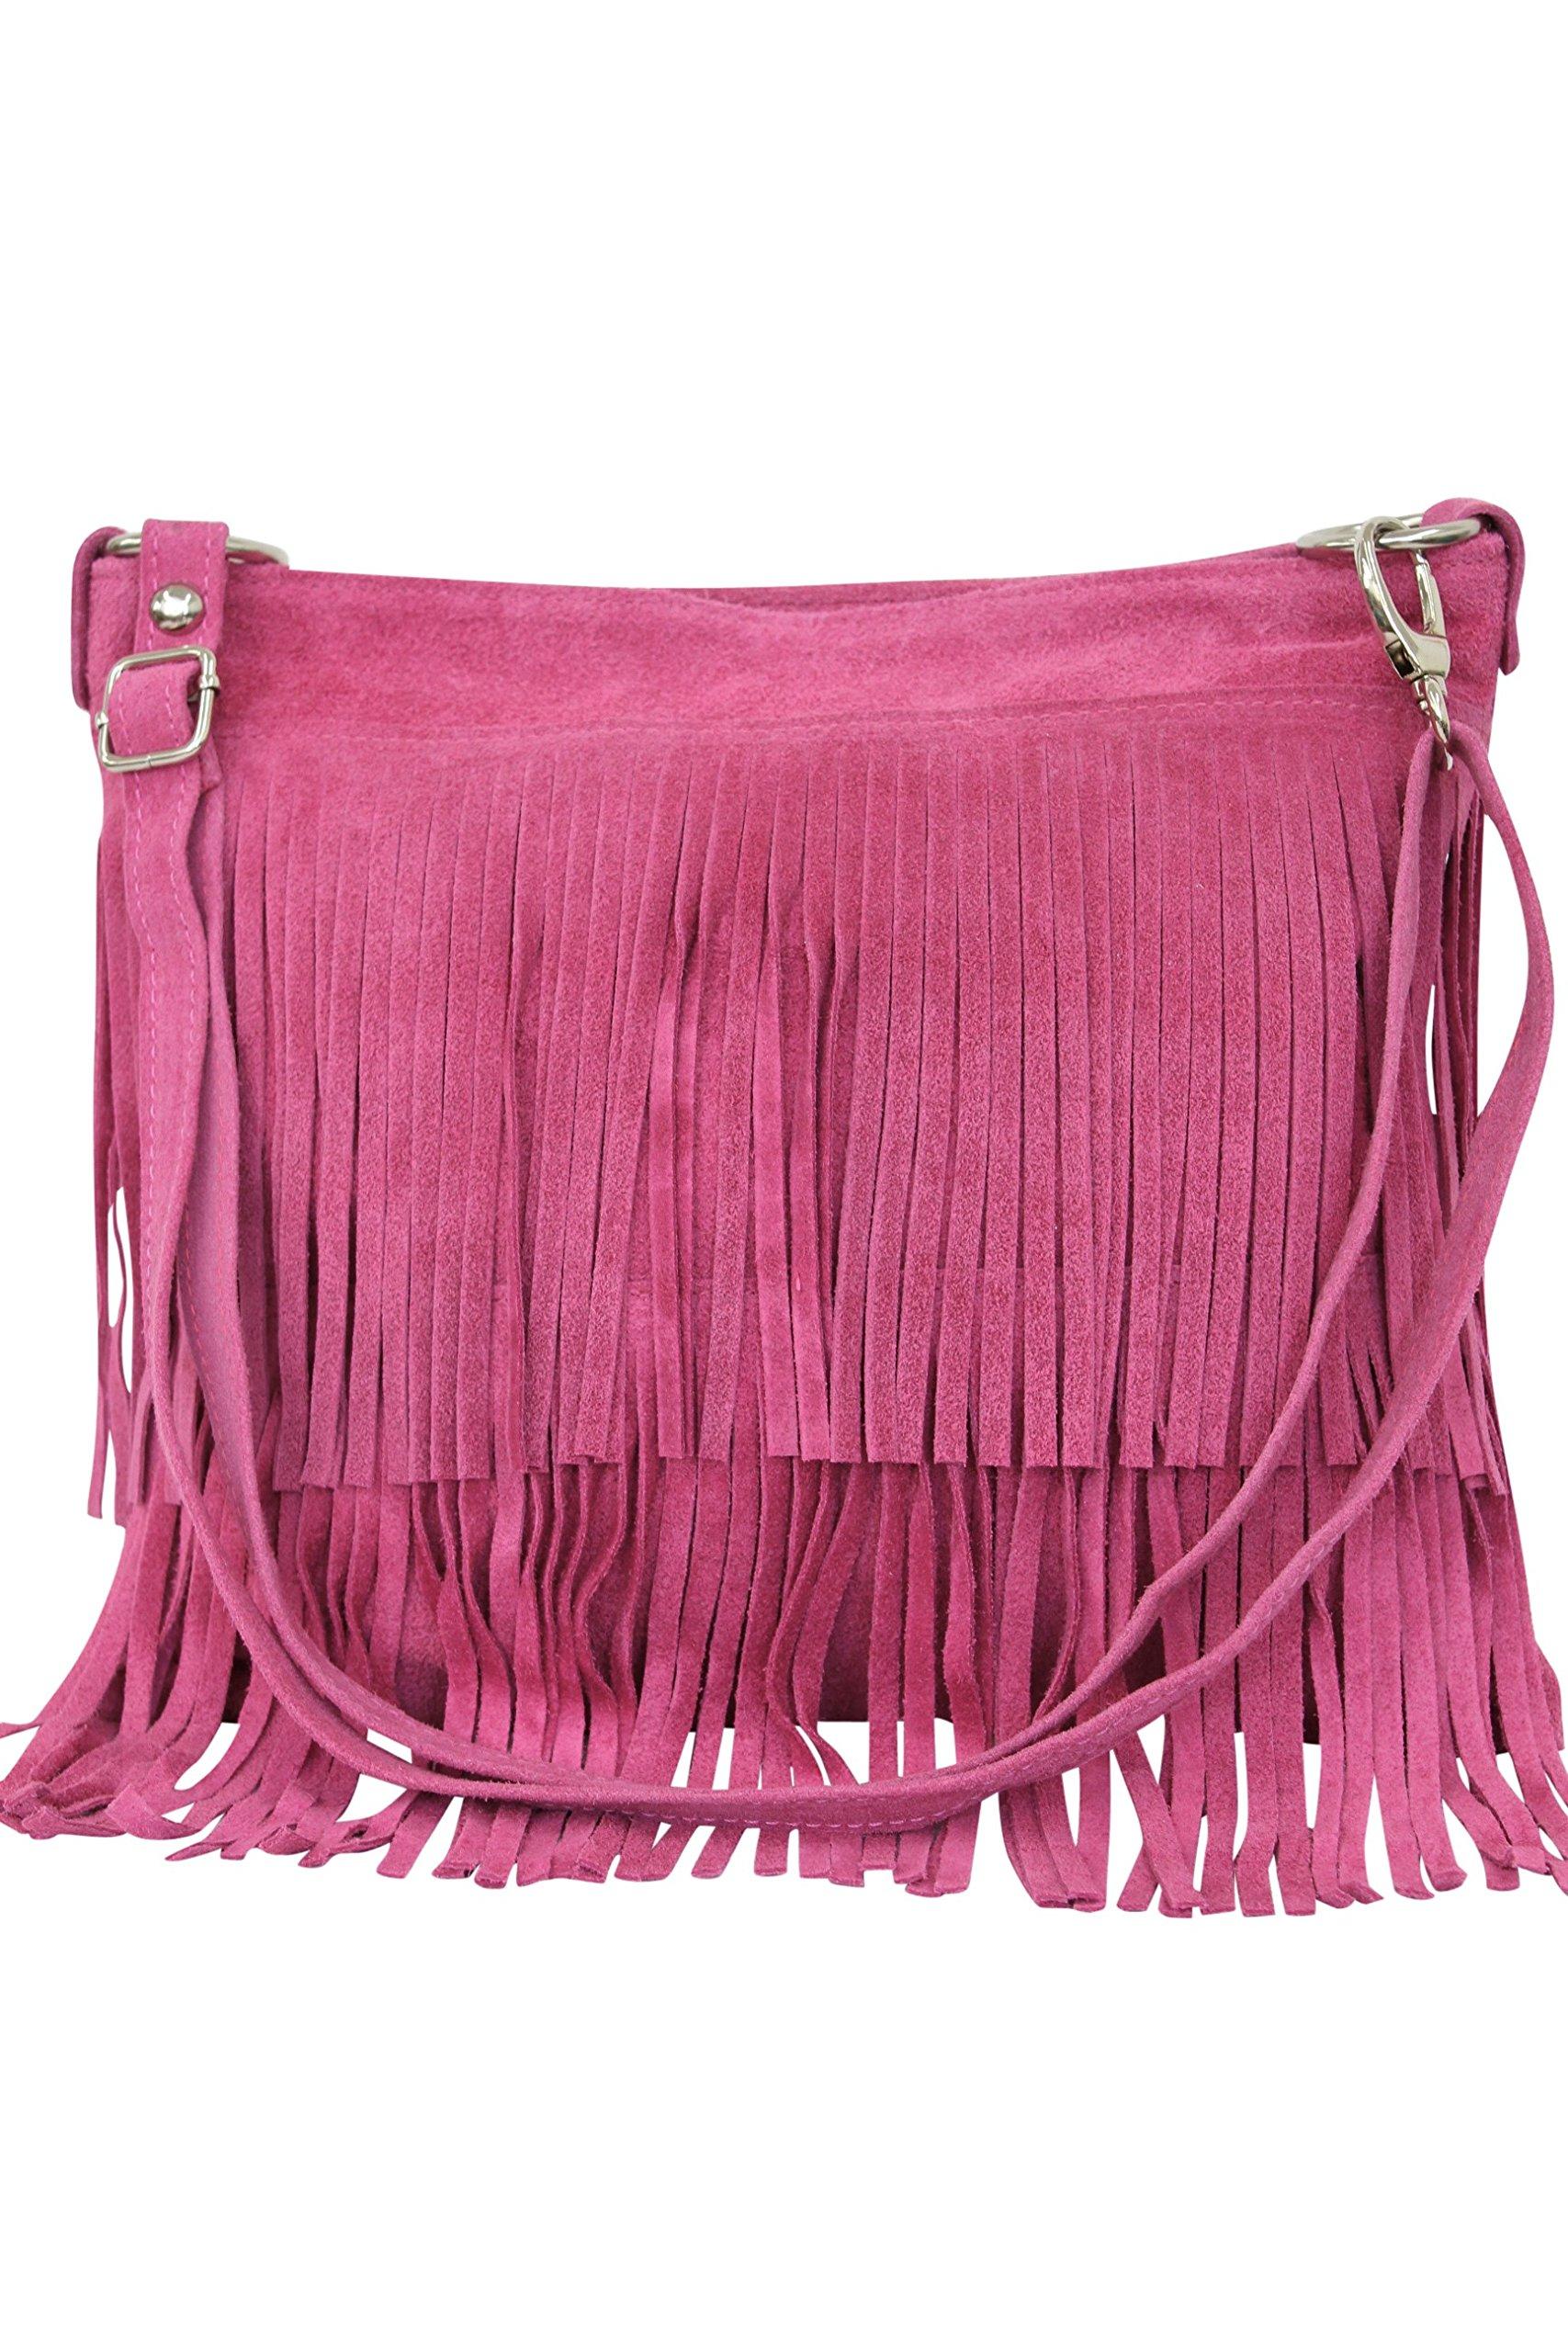 AMBRA Moda bolso de las señoras gamuza con refriega WL809 (rosa)